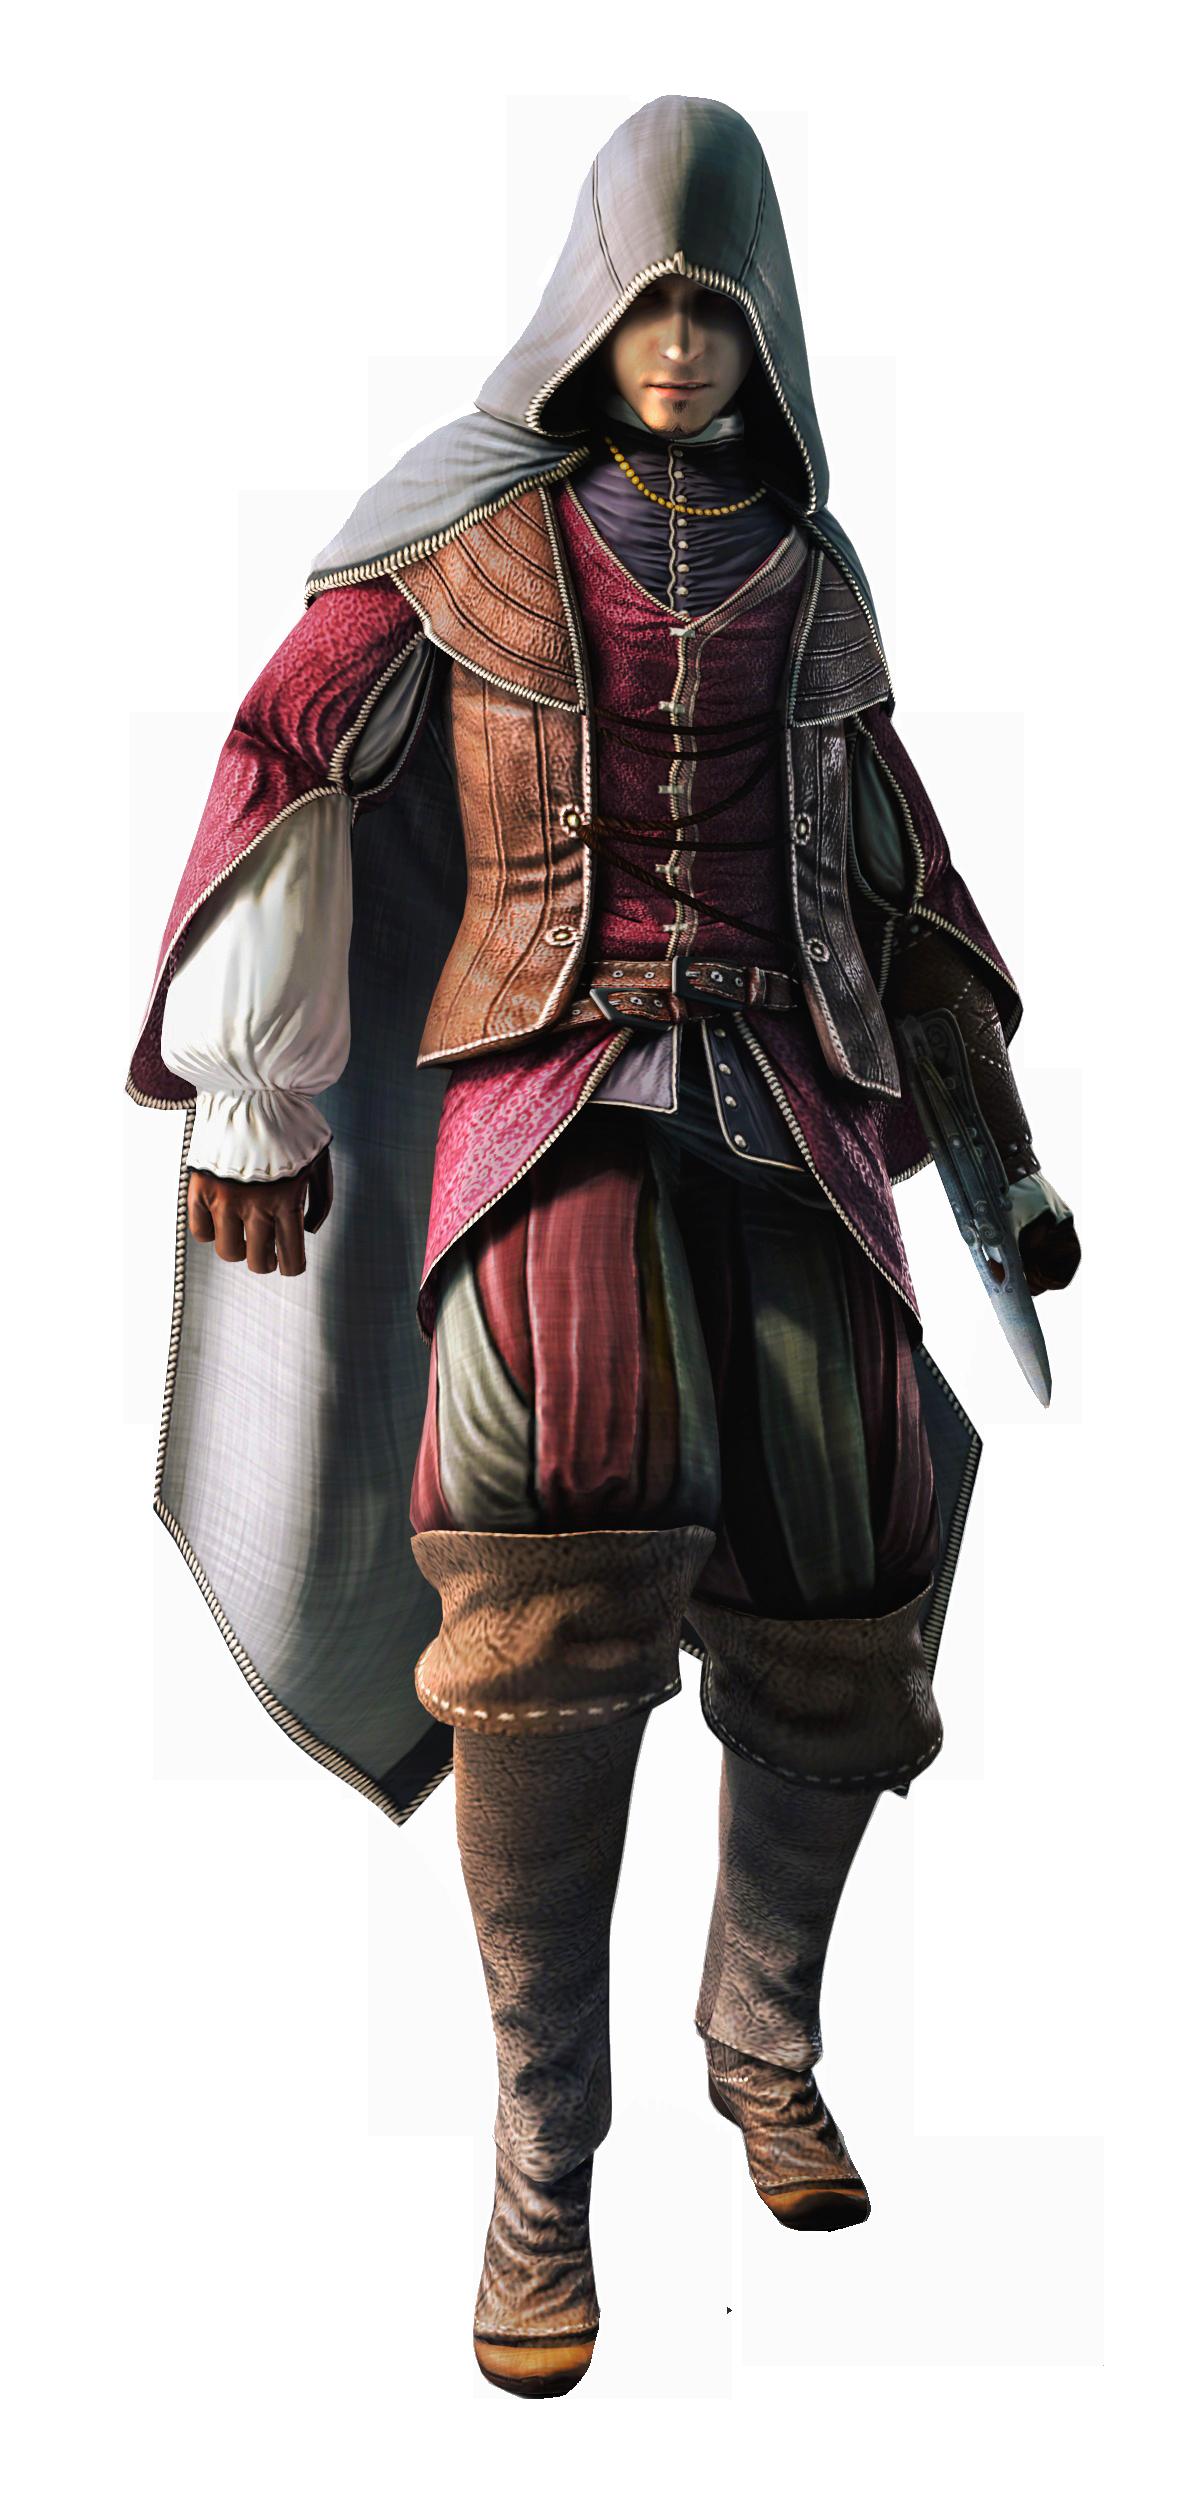 Элиза де ла Серр  Assassins Creed Wiki  FANDOM powered